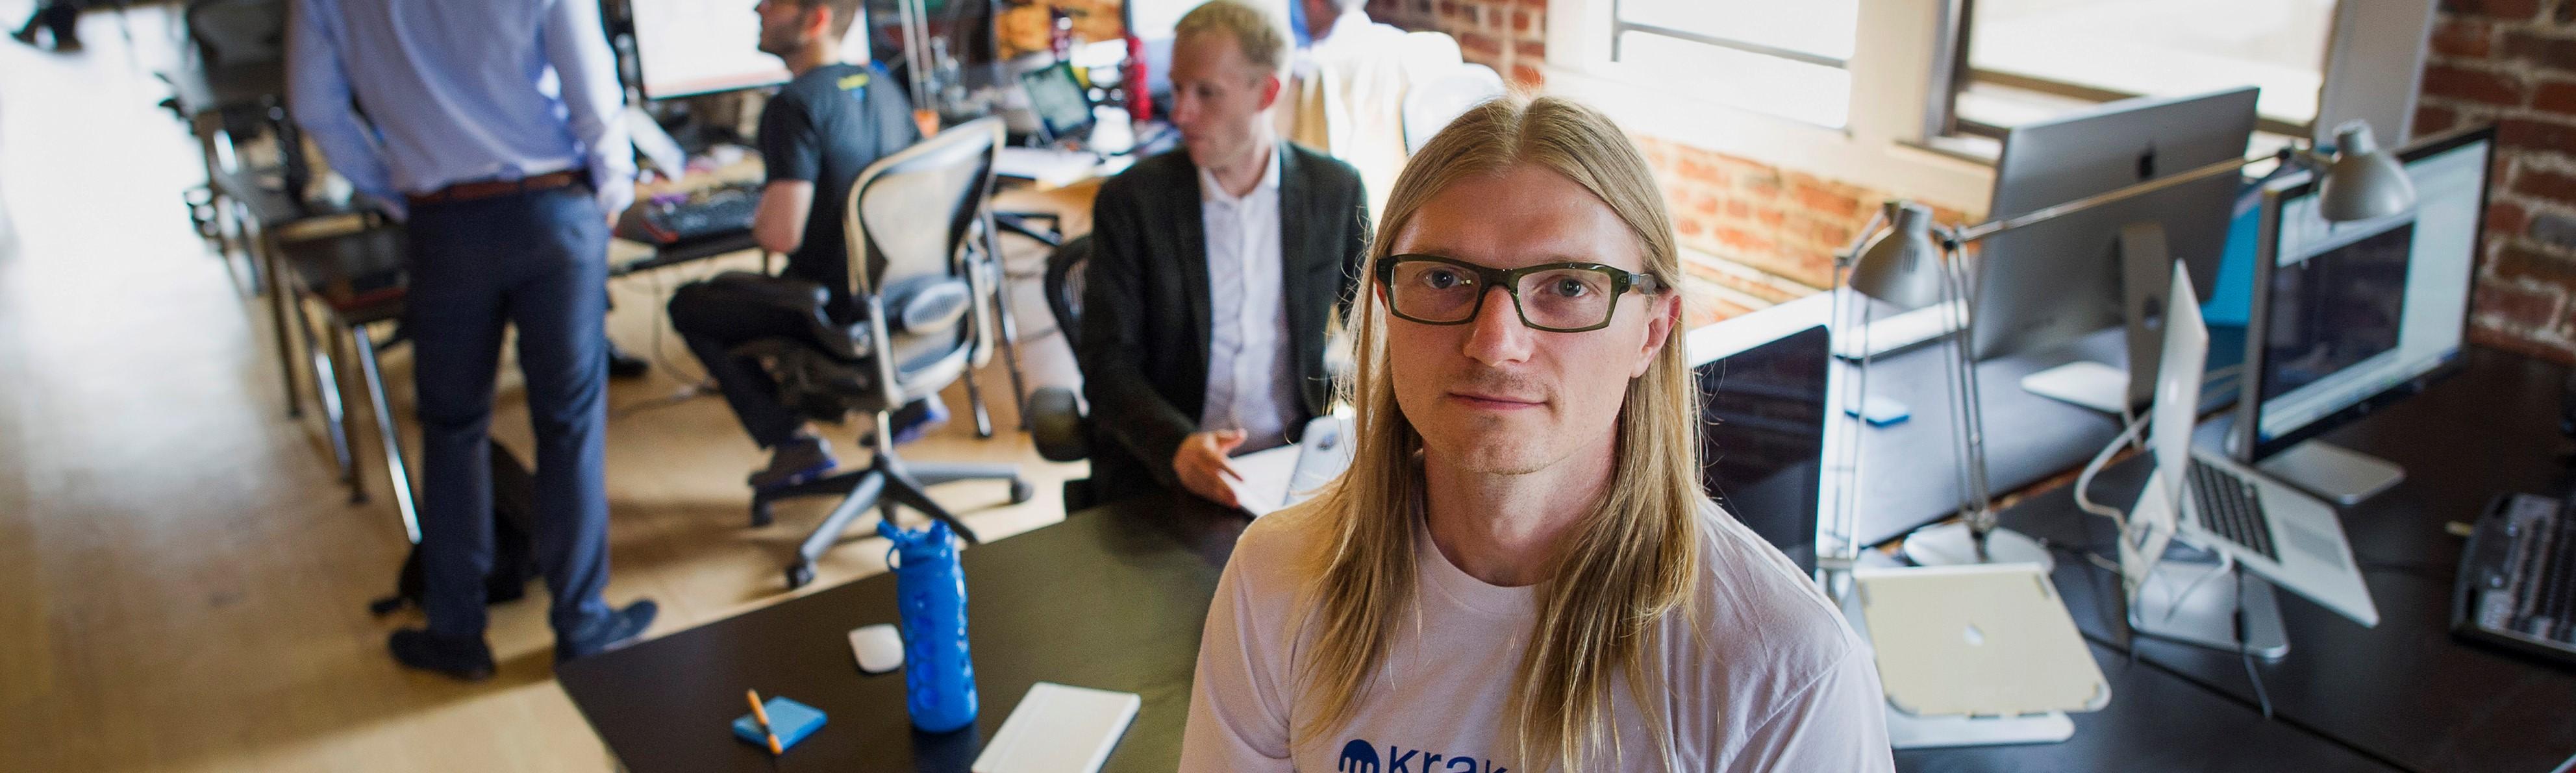 Криптобиржа Kraken планирует провести прямой листинг акций в 2022 году